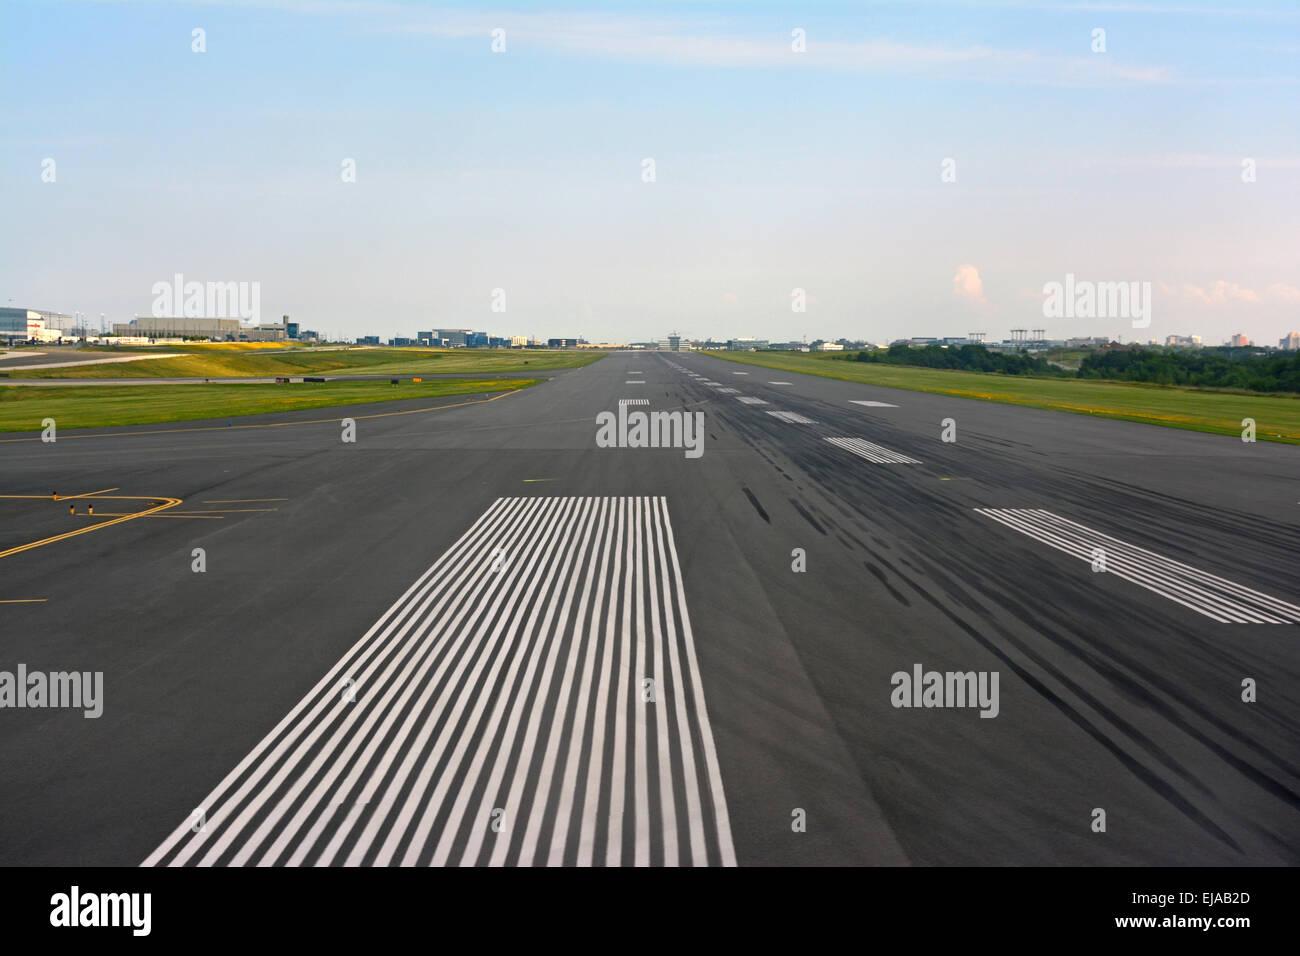 Airport Runway, Canada - Stock Image